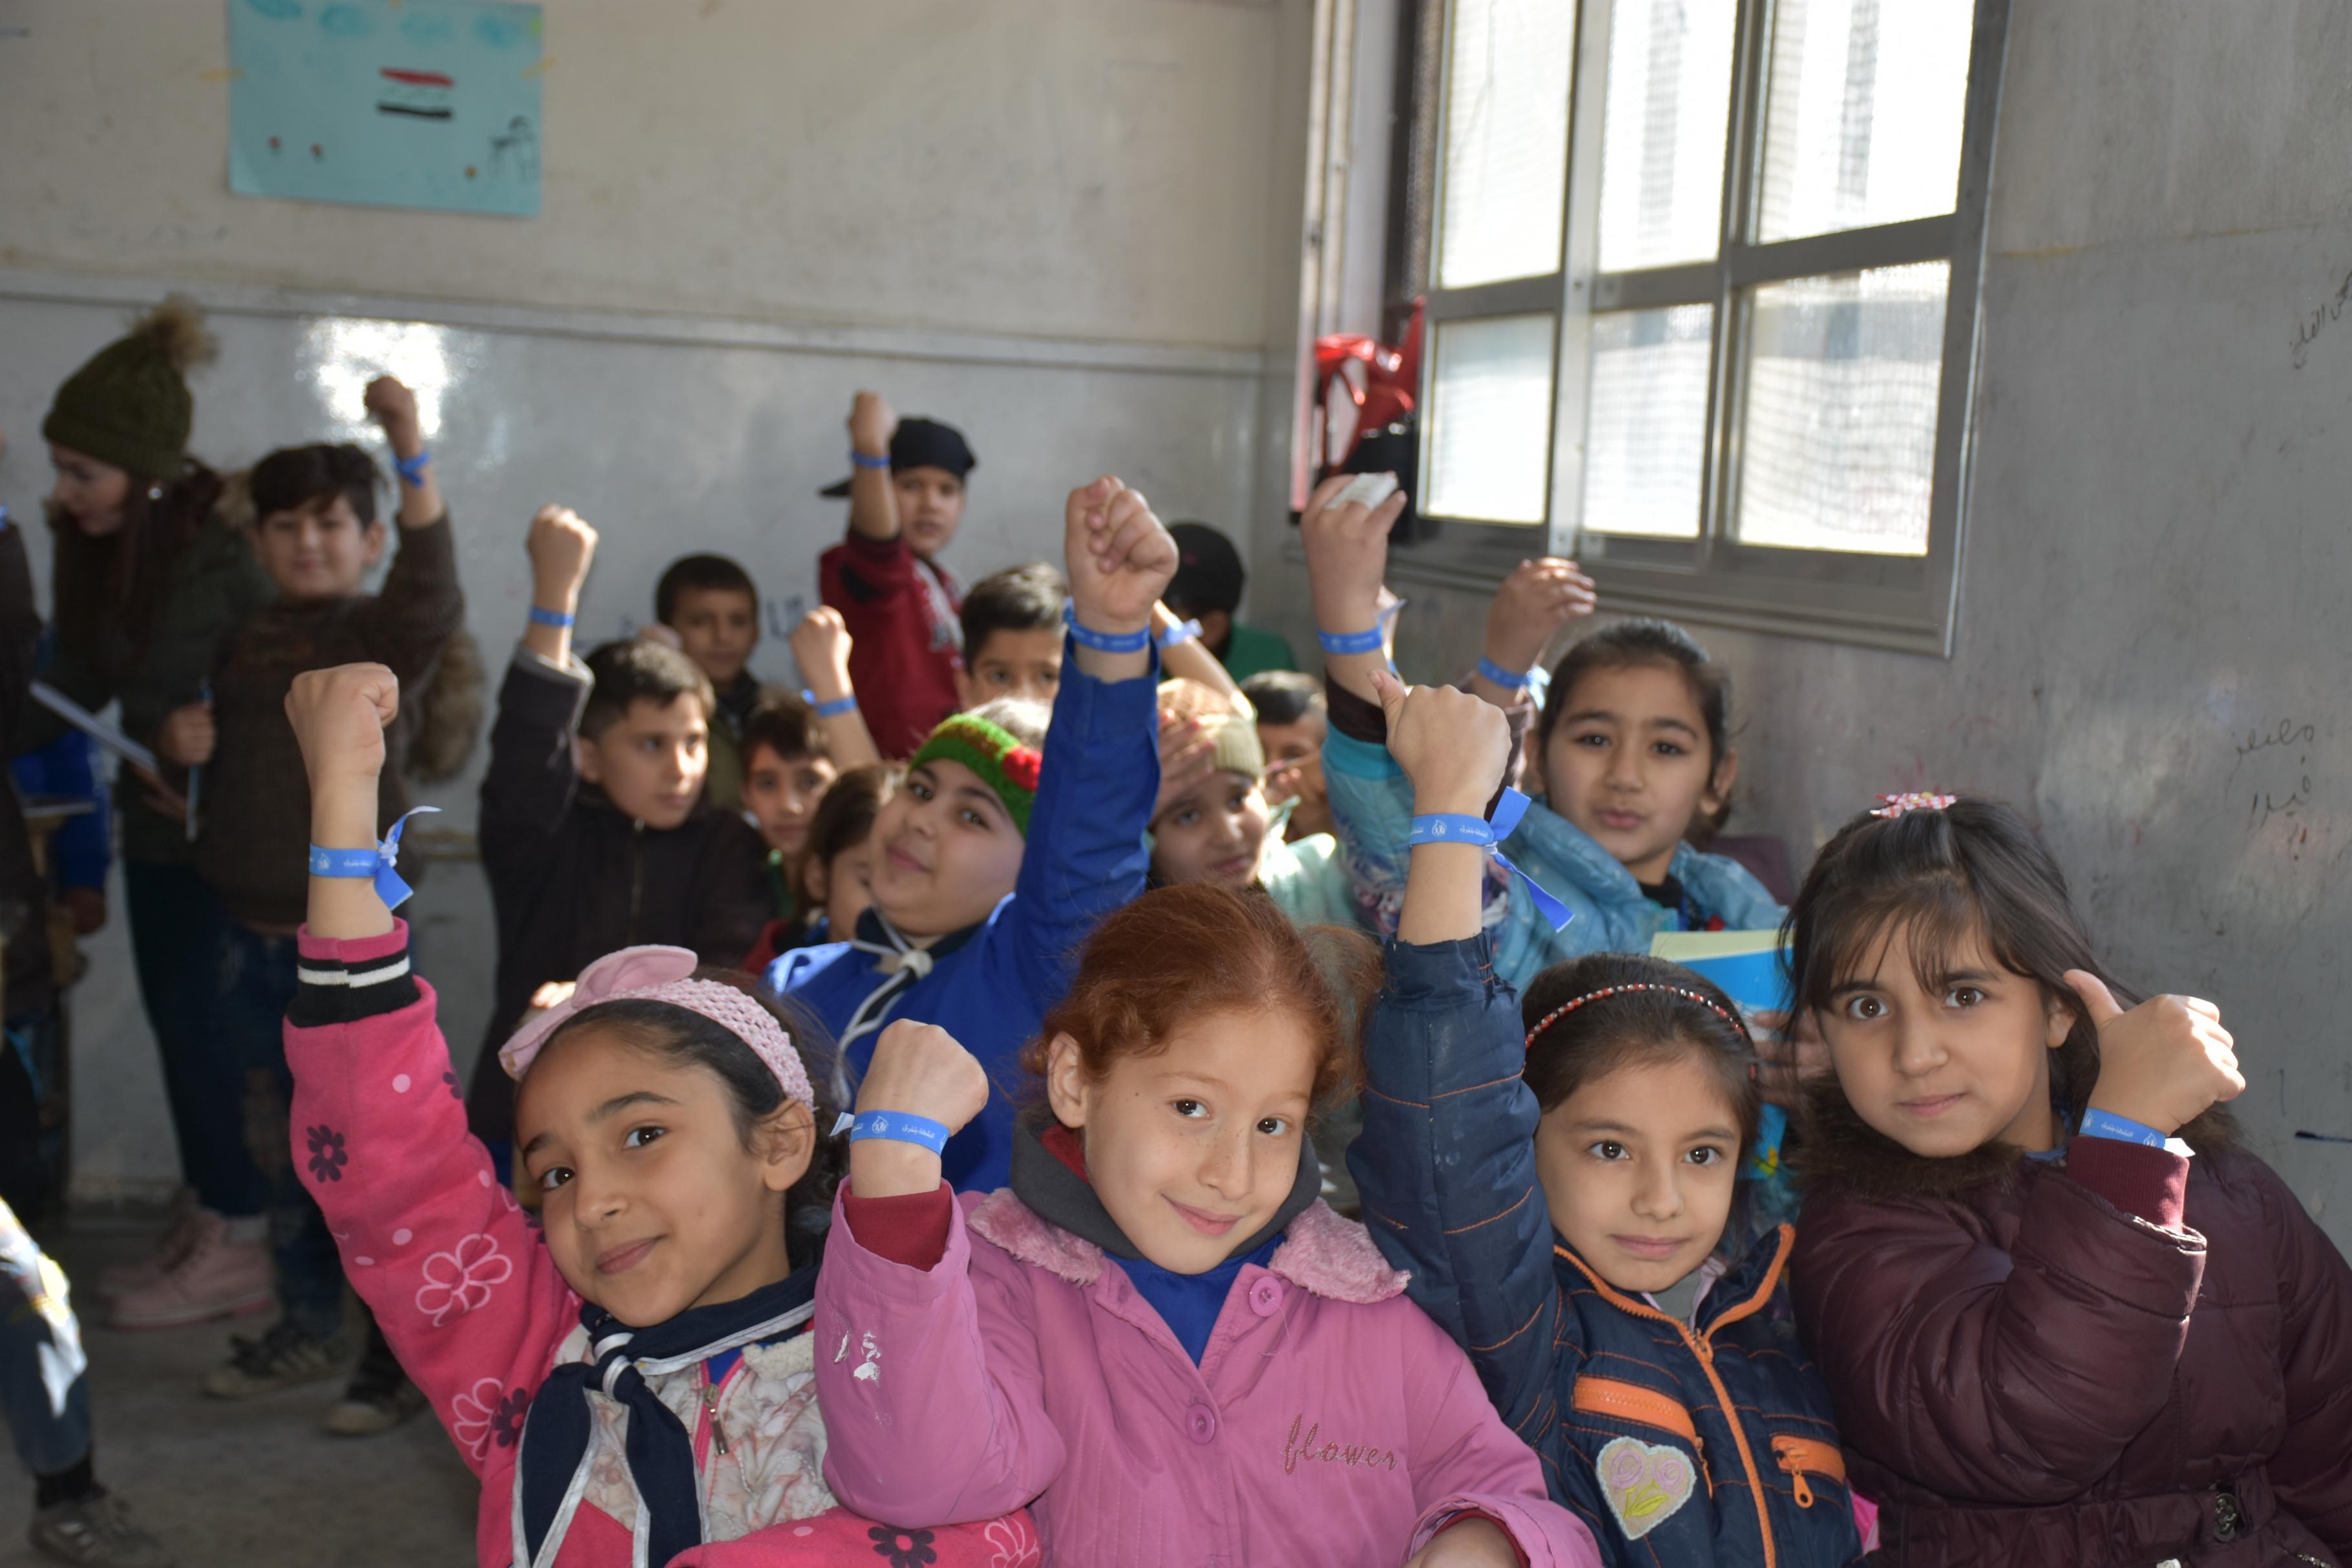 Kinder zeigen ihre Armbänder